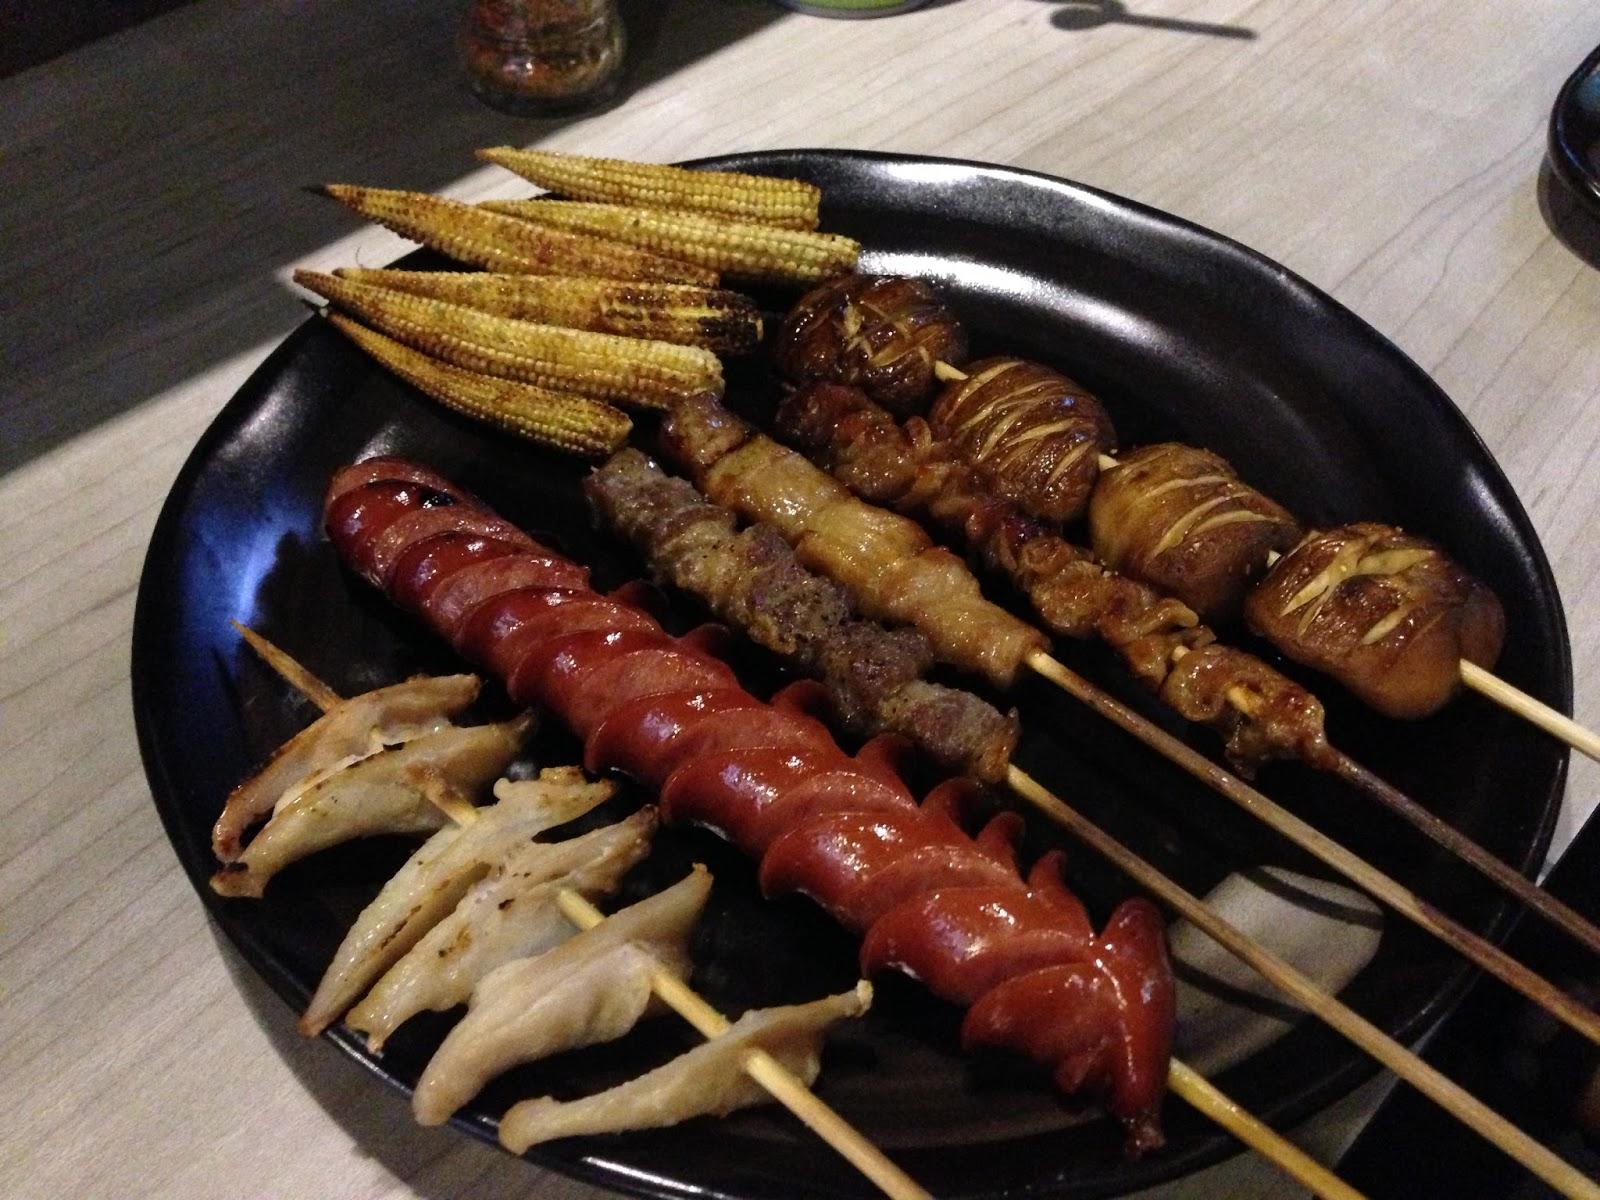 阿北@食話實說: [臺北]一期一會串燒 - 平價美味好串燒